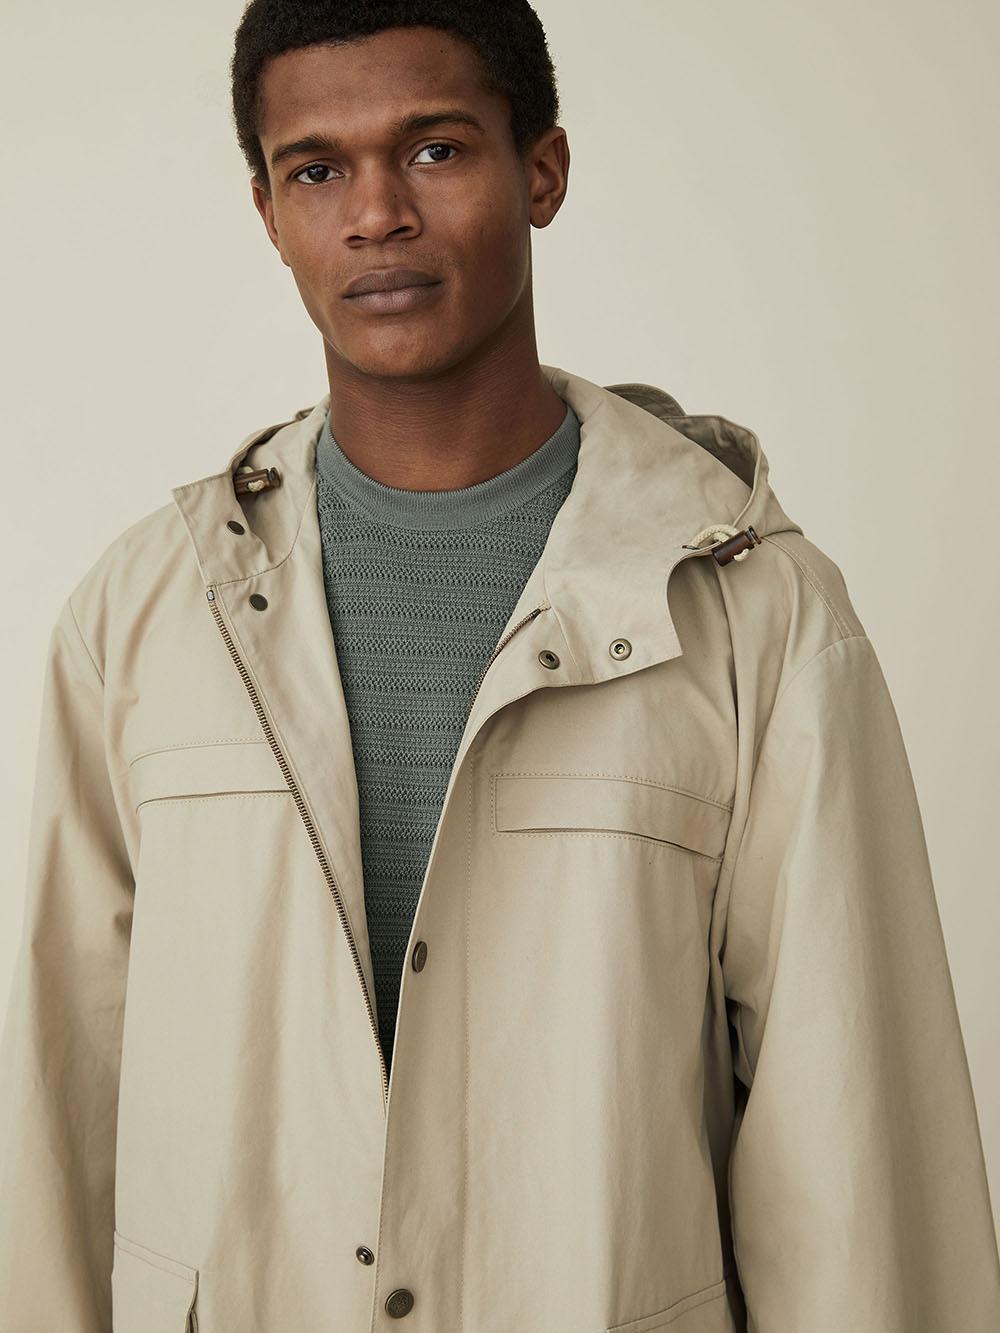 lauren-grace-design-freelance-photography-retoucher-ecommerce-imagery-male-model-16.jpg